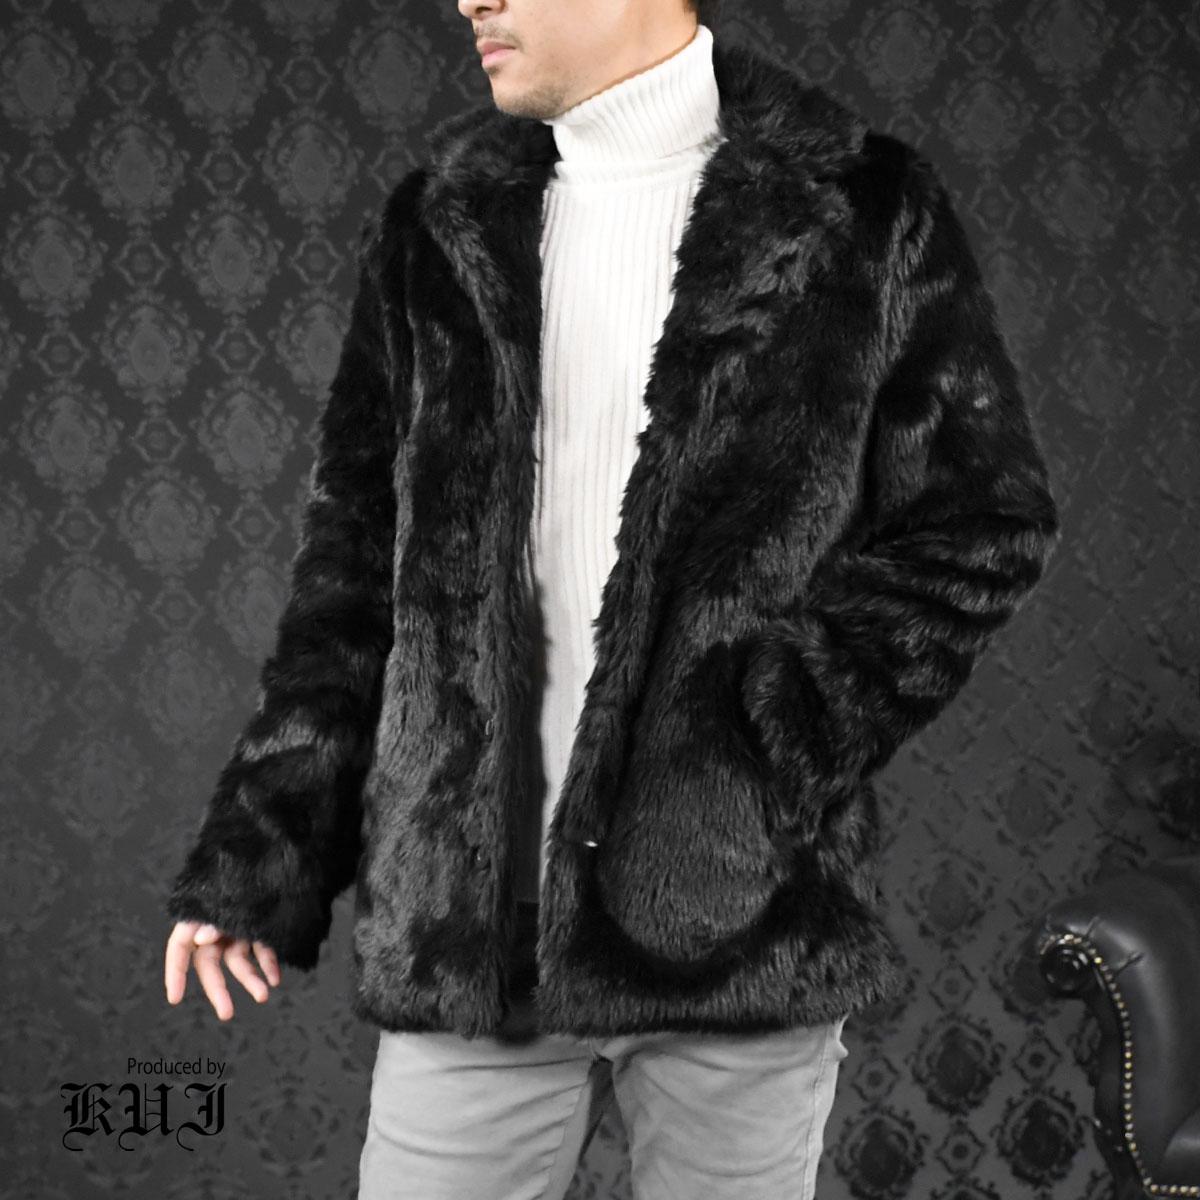 ファージャケット ヒョウ 豹柄 メンズ フェイクファー アウター テーラードジャケット mens(ブラック黒)